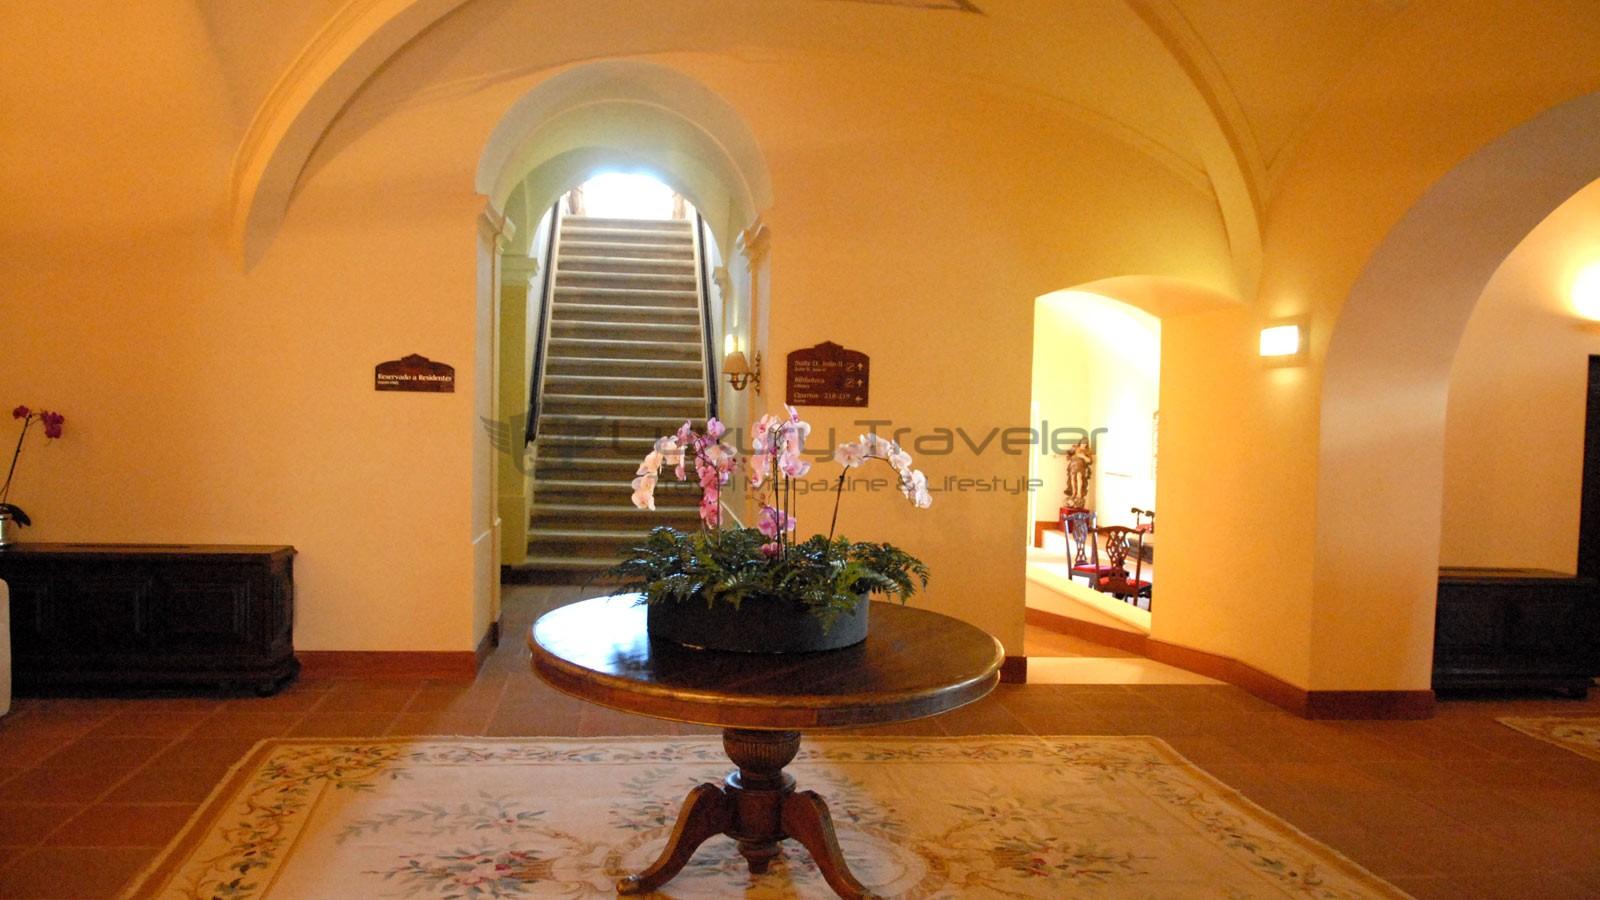 Convento_Espinheiro_Hotel_Evora_Starwood_Entrance_Convent